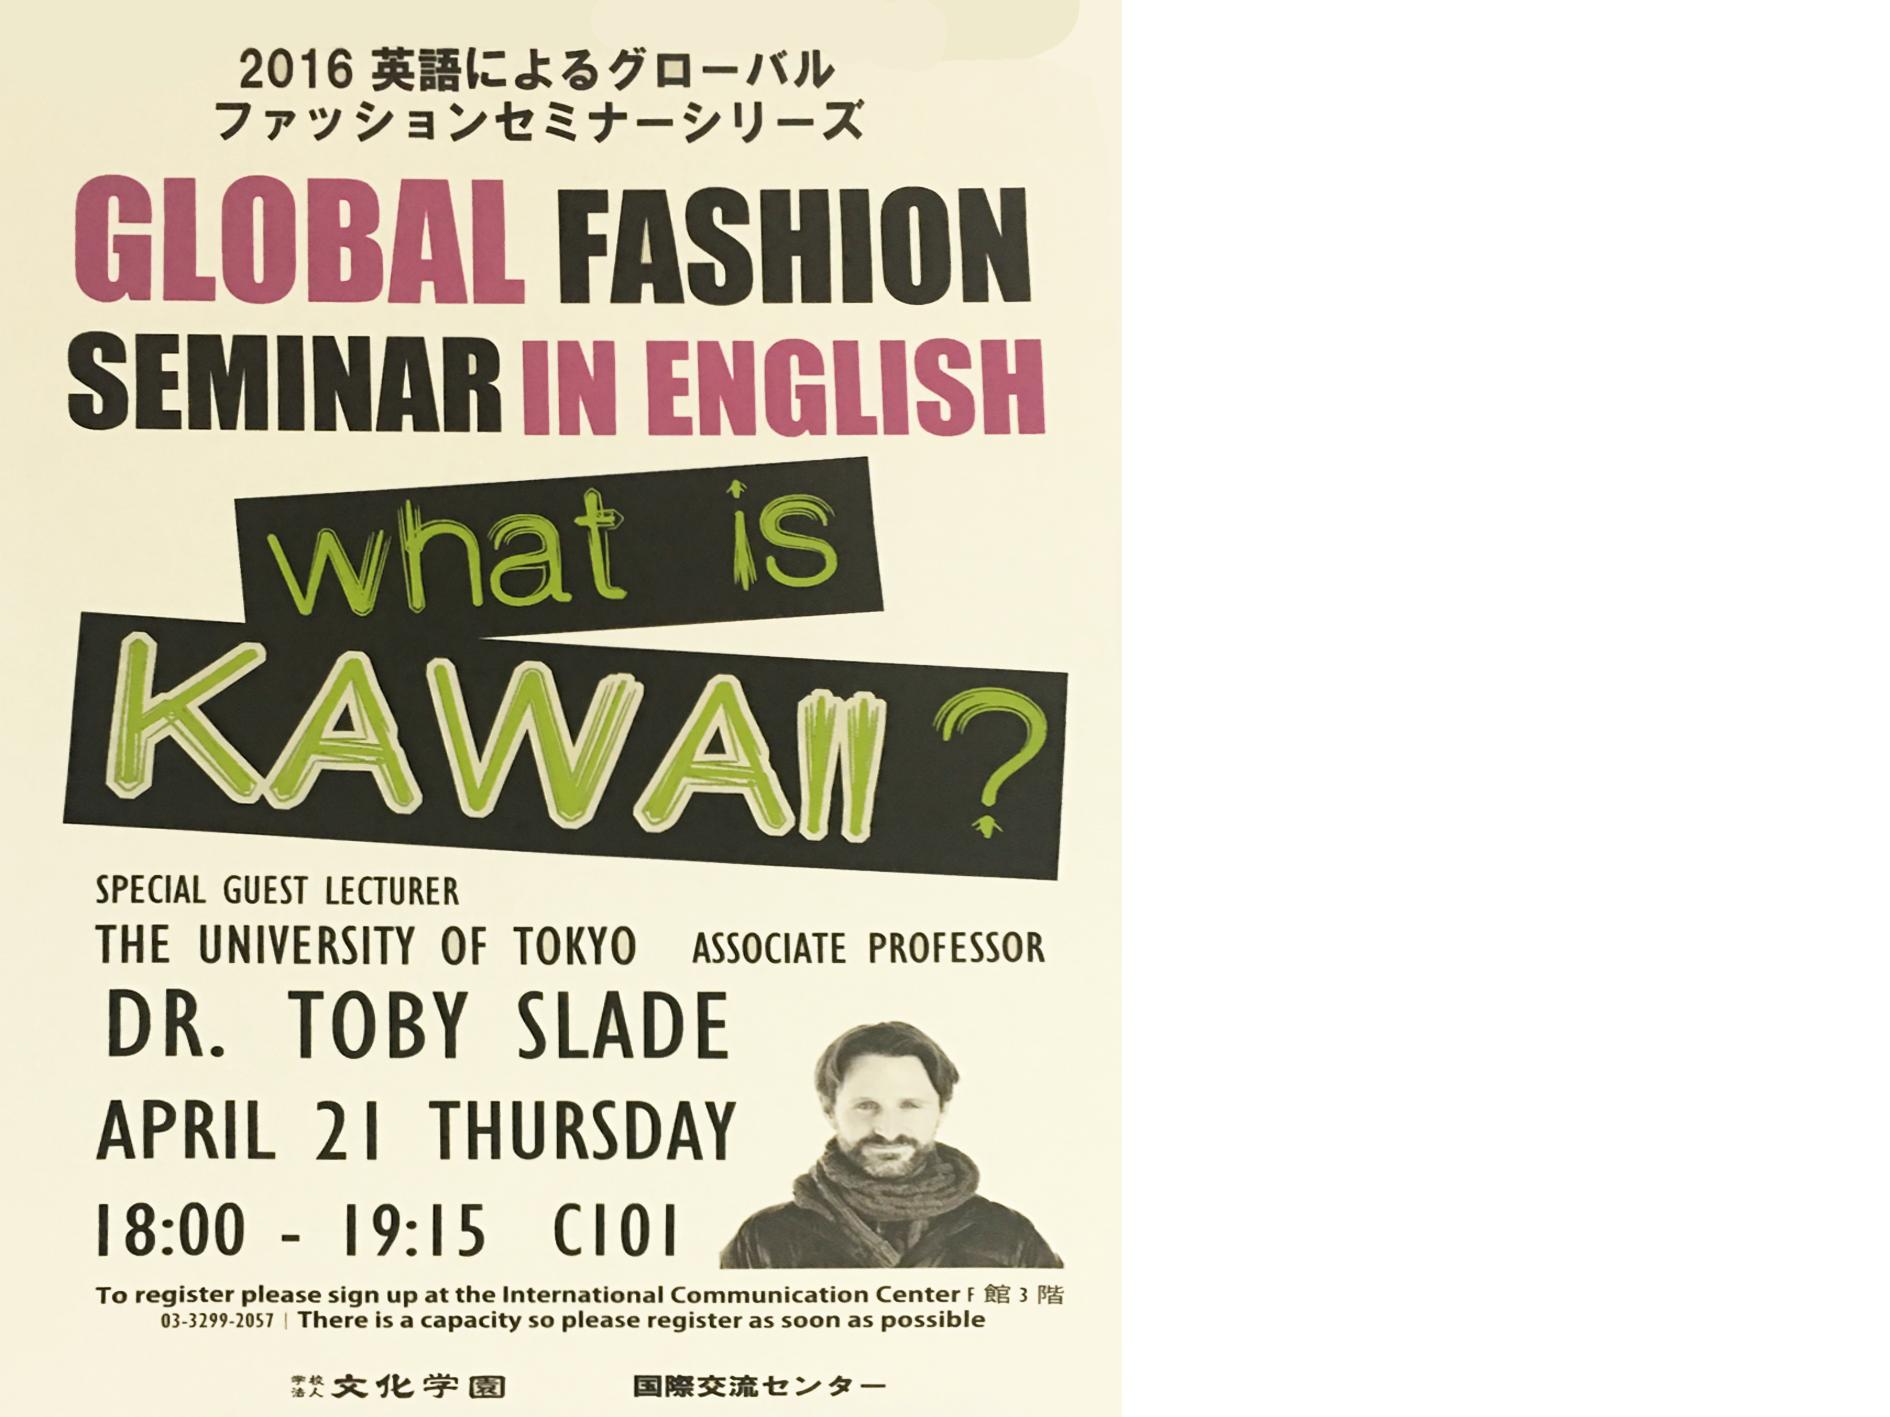 2016Global Fashion Seminar - Bunka Gakuen University